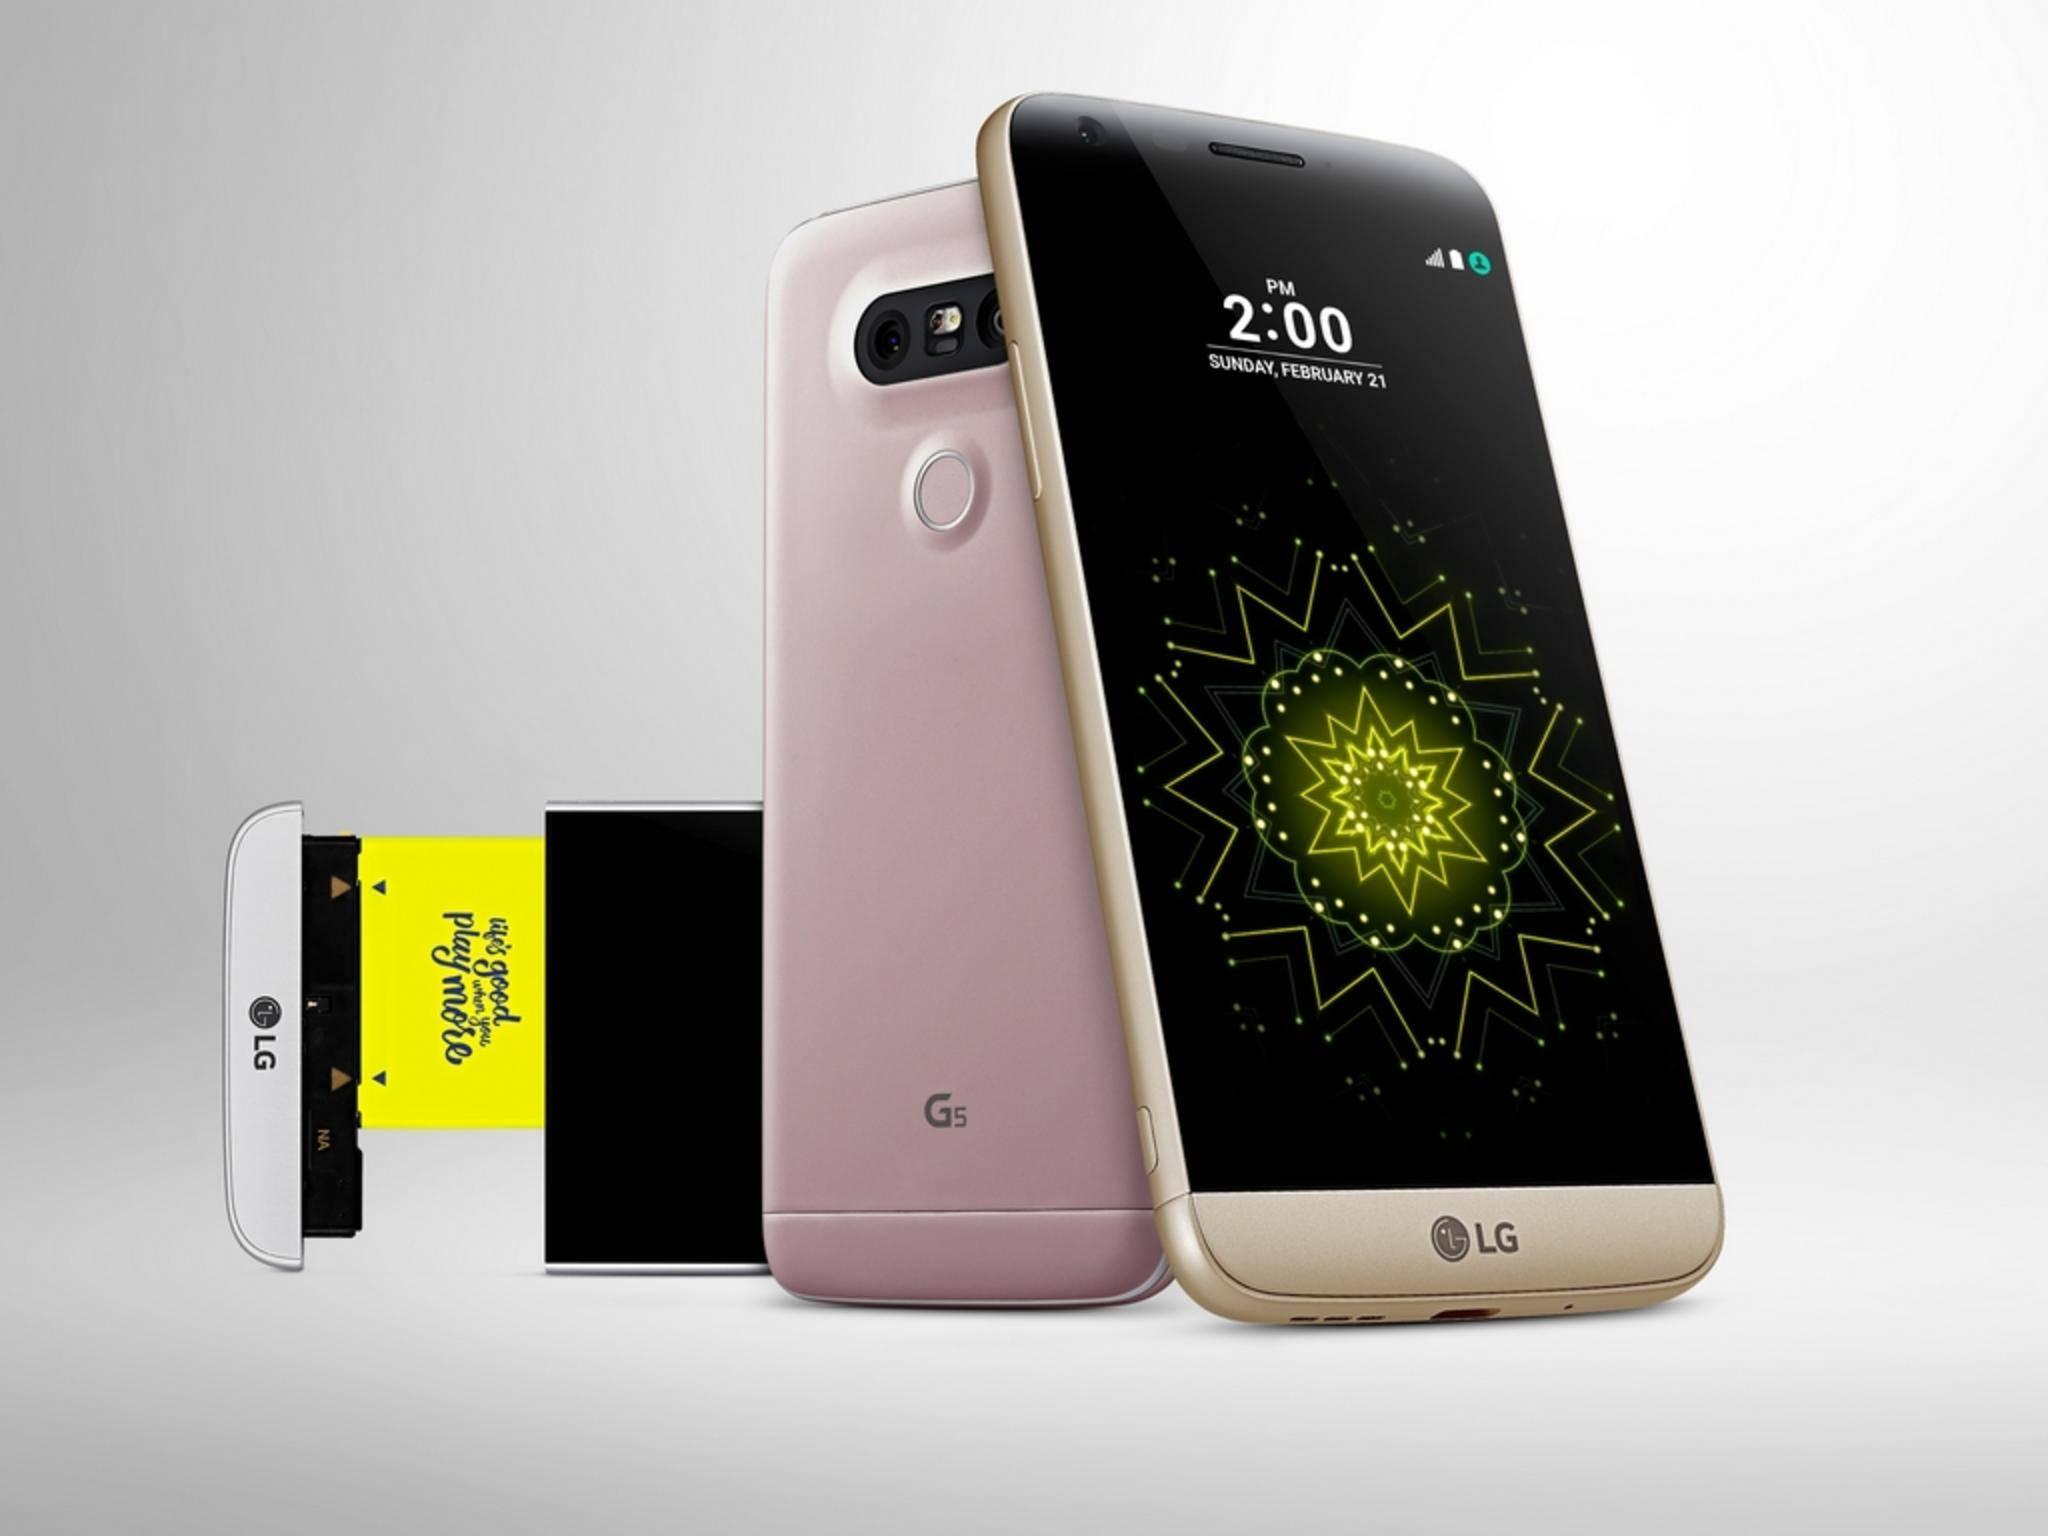 Das LG G5 wurde auf dem MWC 2016 vorgestellt.